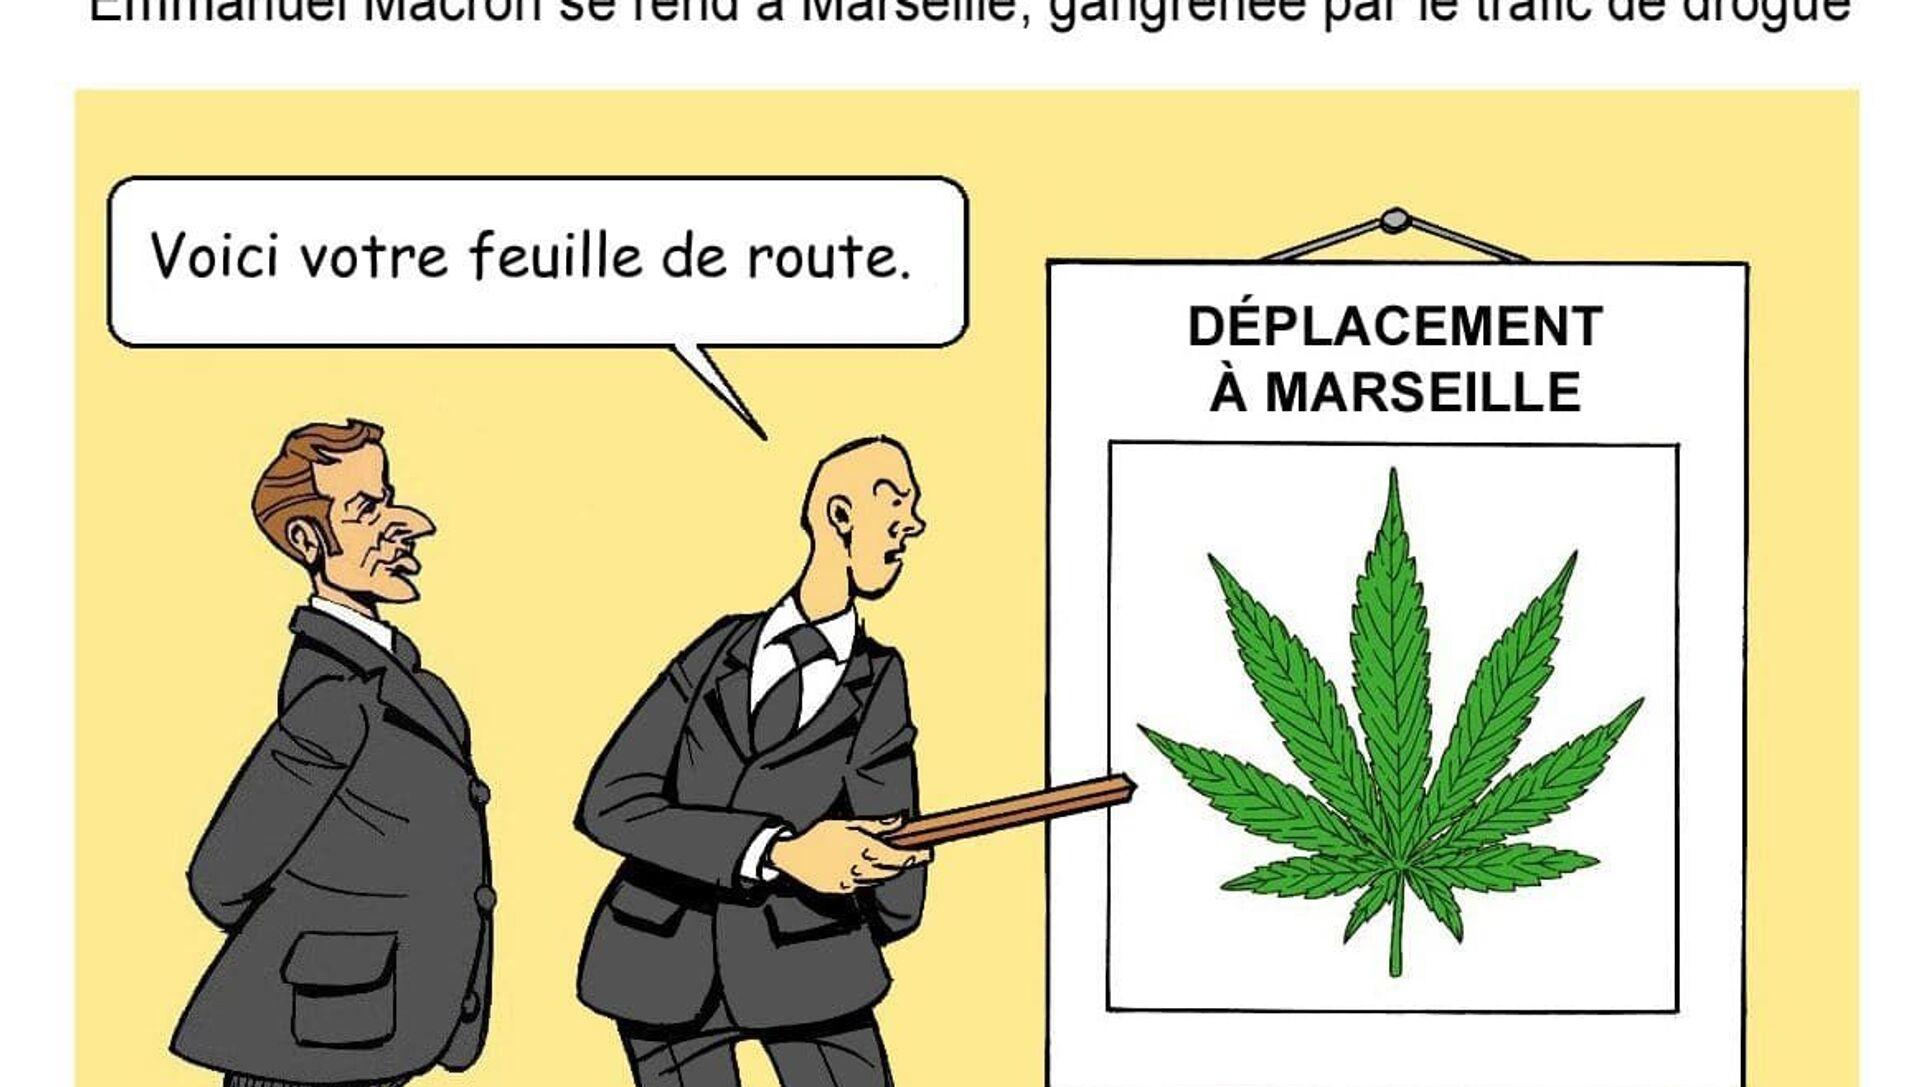 Visite d'Emmanuel Macron à Marseille: un écran de fumée?  - Sputnik France, 1920, 02.09.2021